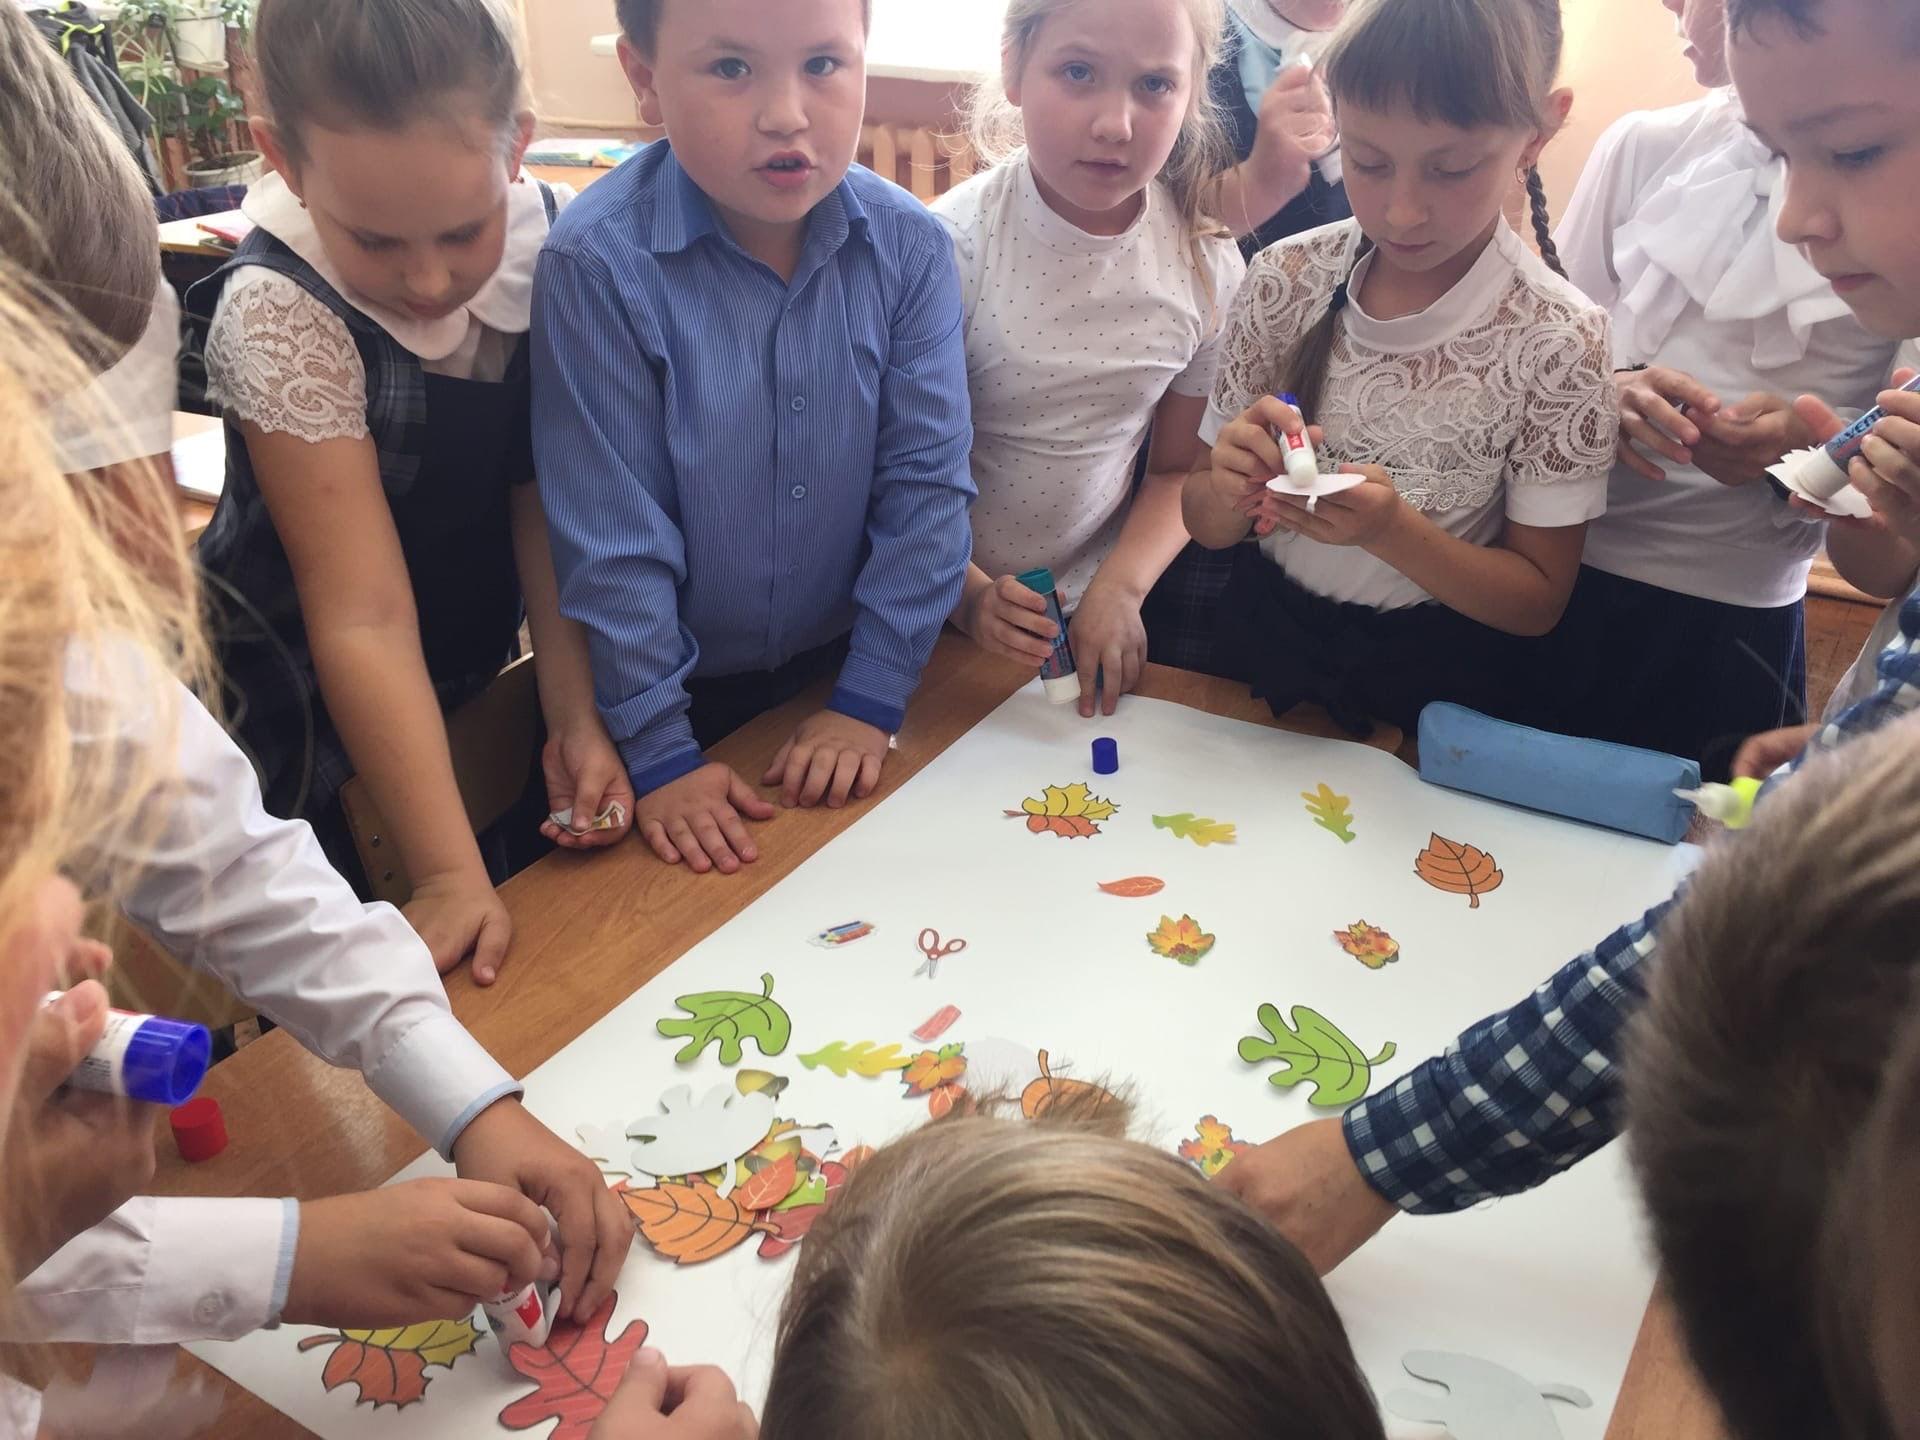 #Акция@mddvolonter_kizner  Акция «Улыбка учителя»  В предверии Всемирного дня учителя,